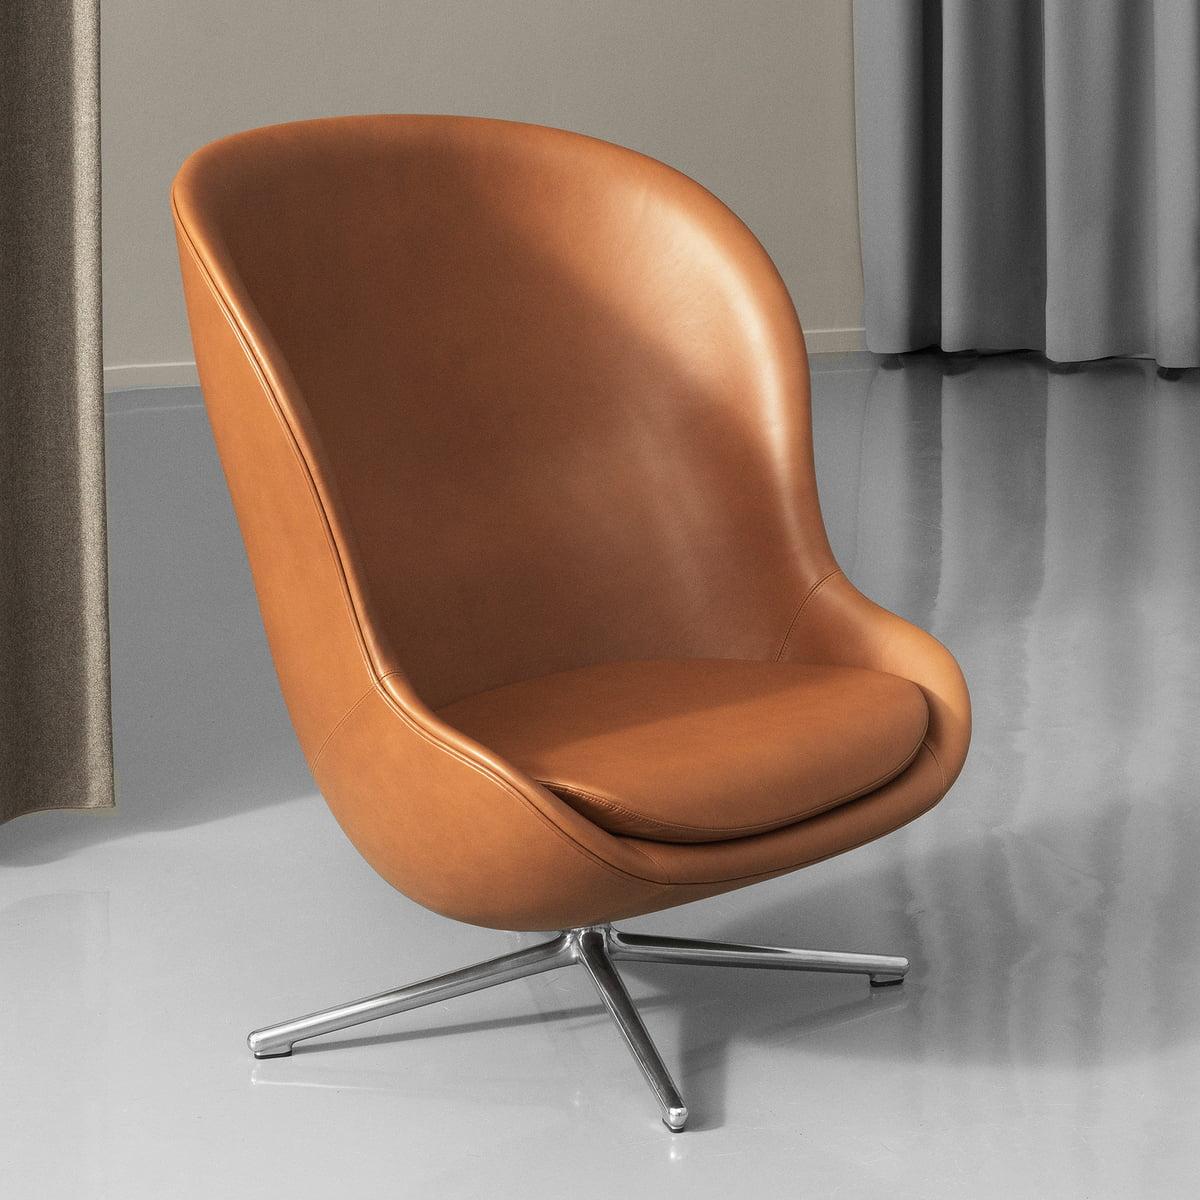 Enjoyable Normann Copenhagen Hyg Lounge Chair Swivel High Aluminium Beige Synergy Lds18 Camellatalisay Diy Chair Ideas Camellatalisaycom